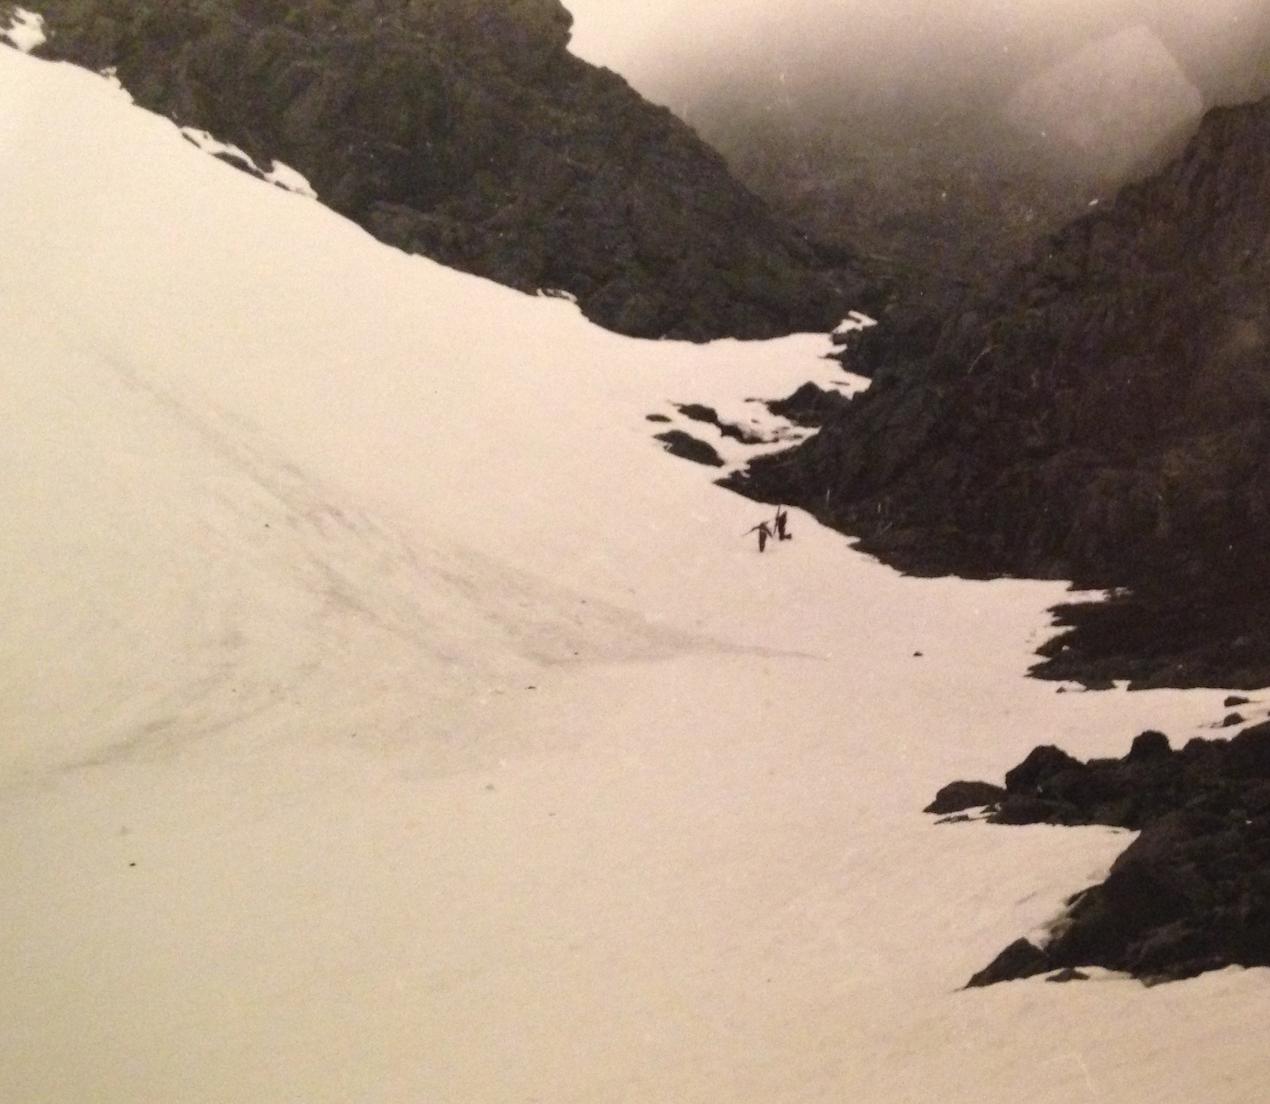 Haut du couloir skié